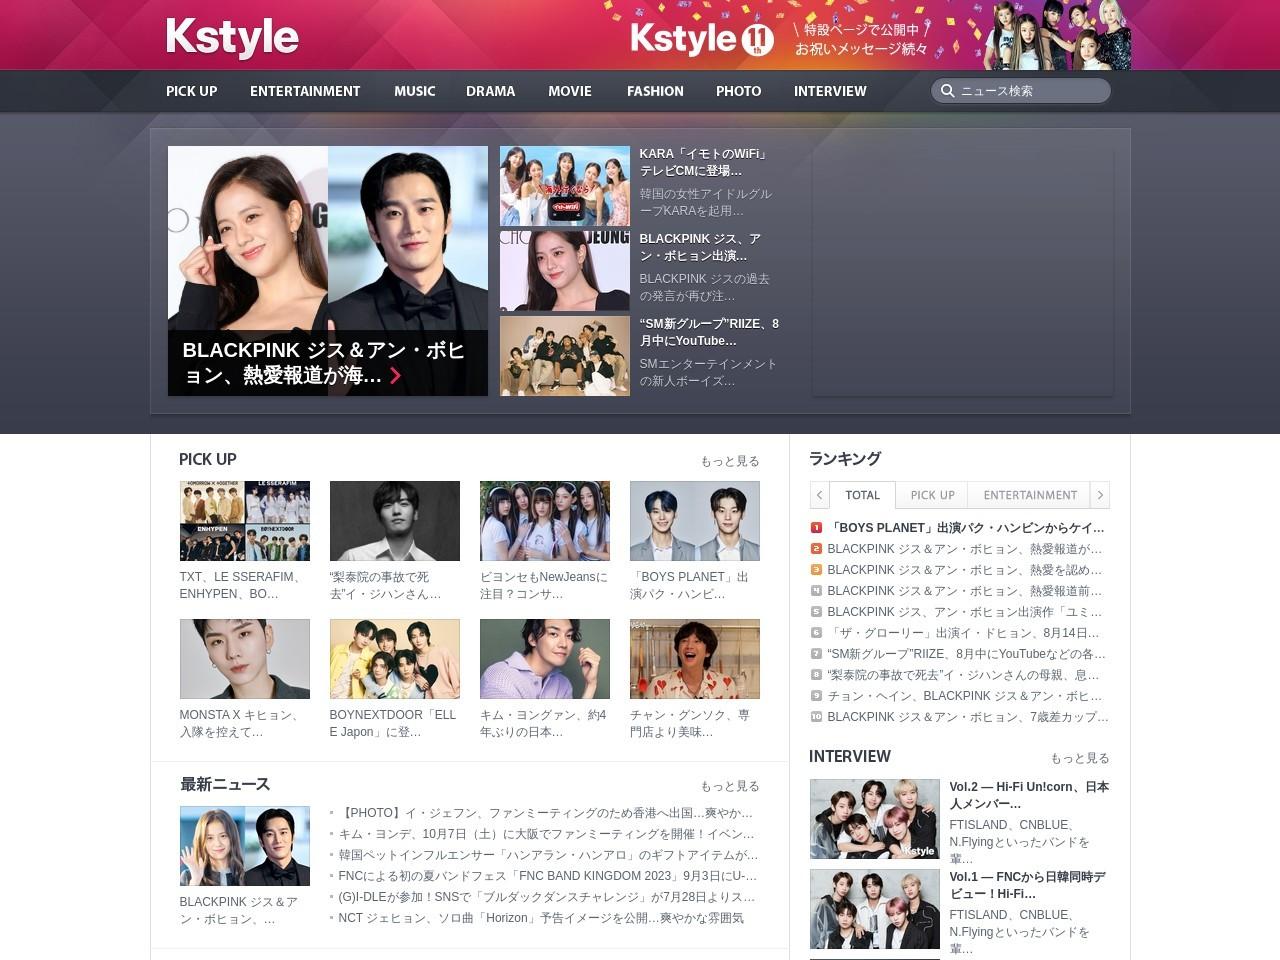 SHINee テミン、ソロ曲「WANT」が29ヶ国のiTunesチャートで1位獲得!圧倒的な人気を証明